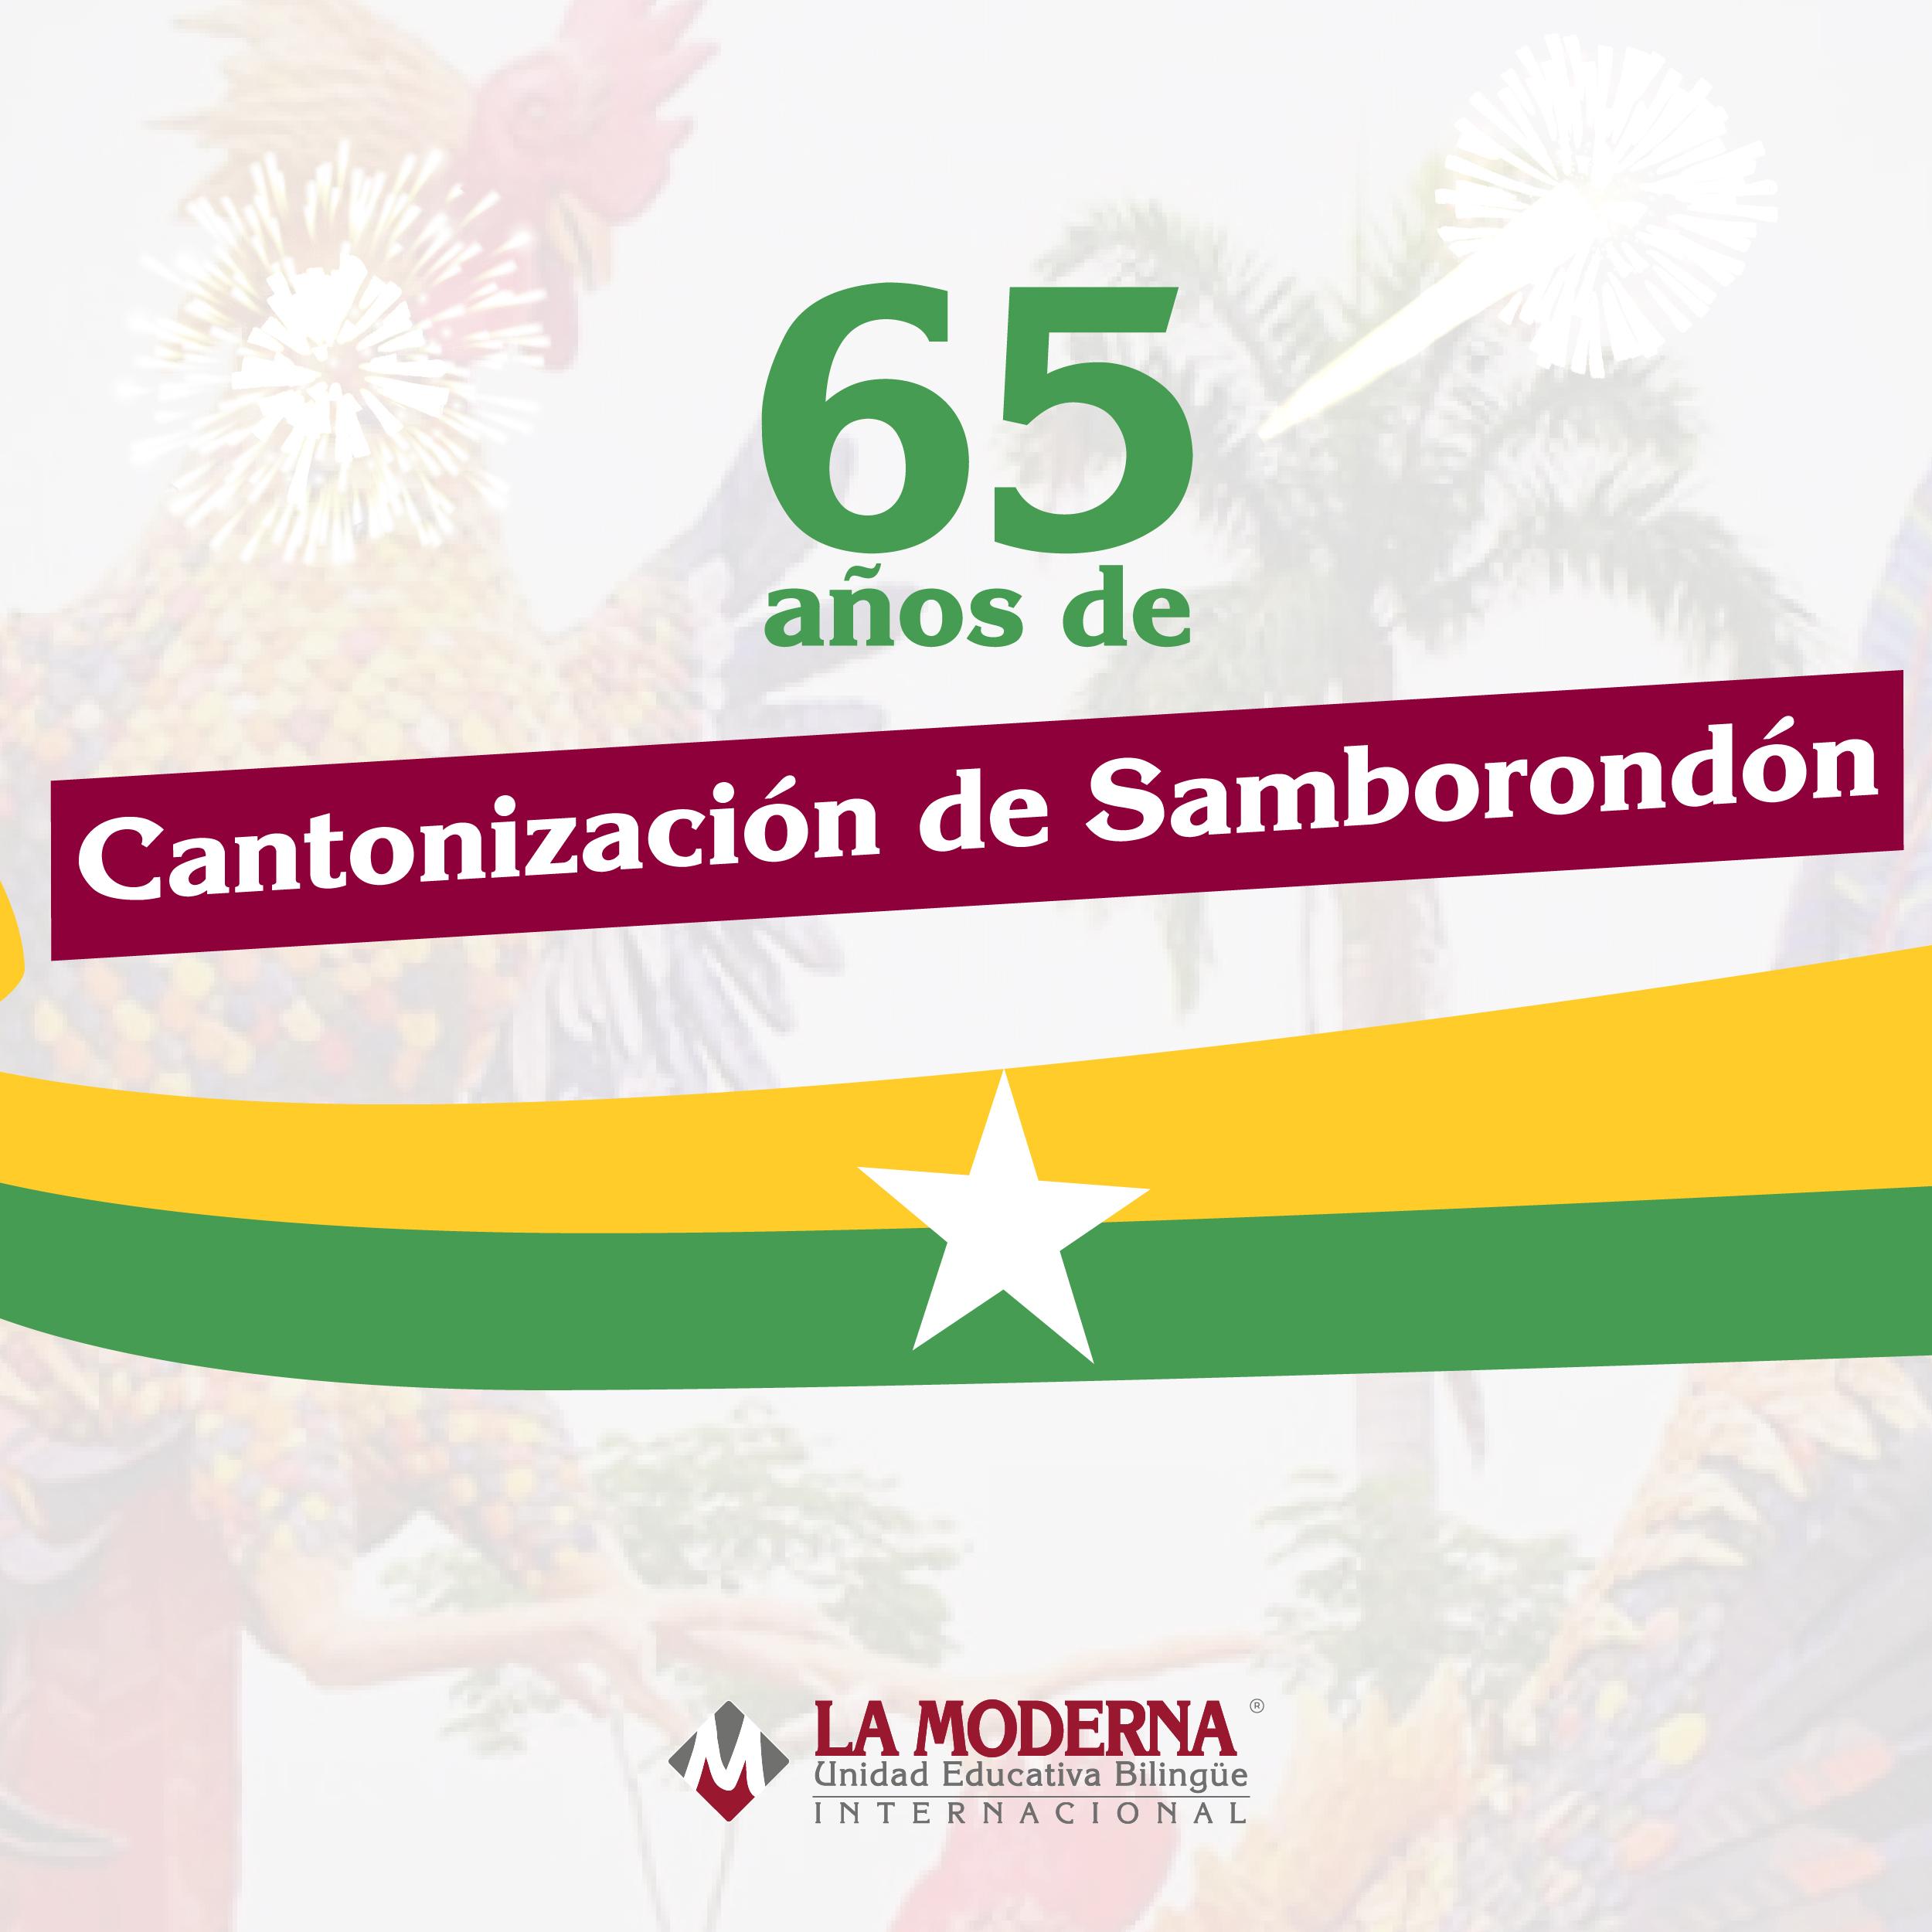 Cantonización Samborondón